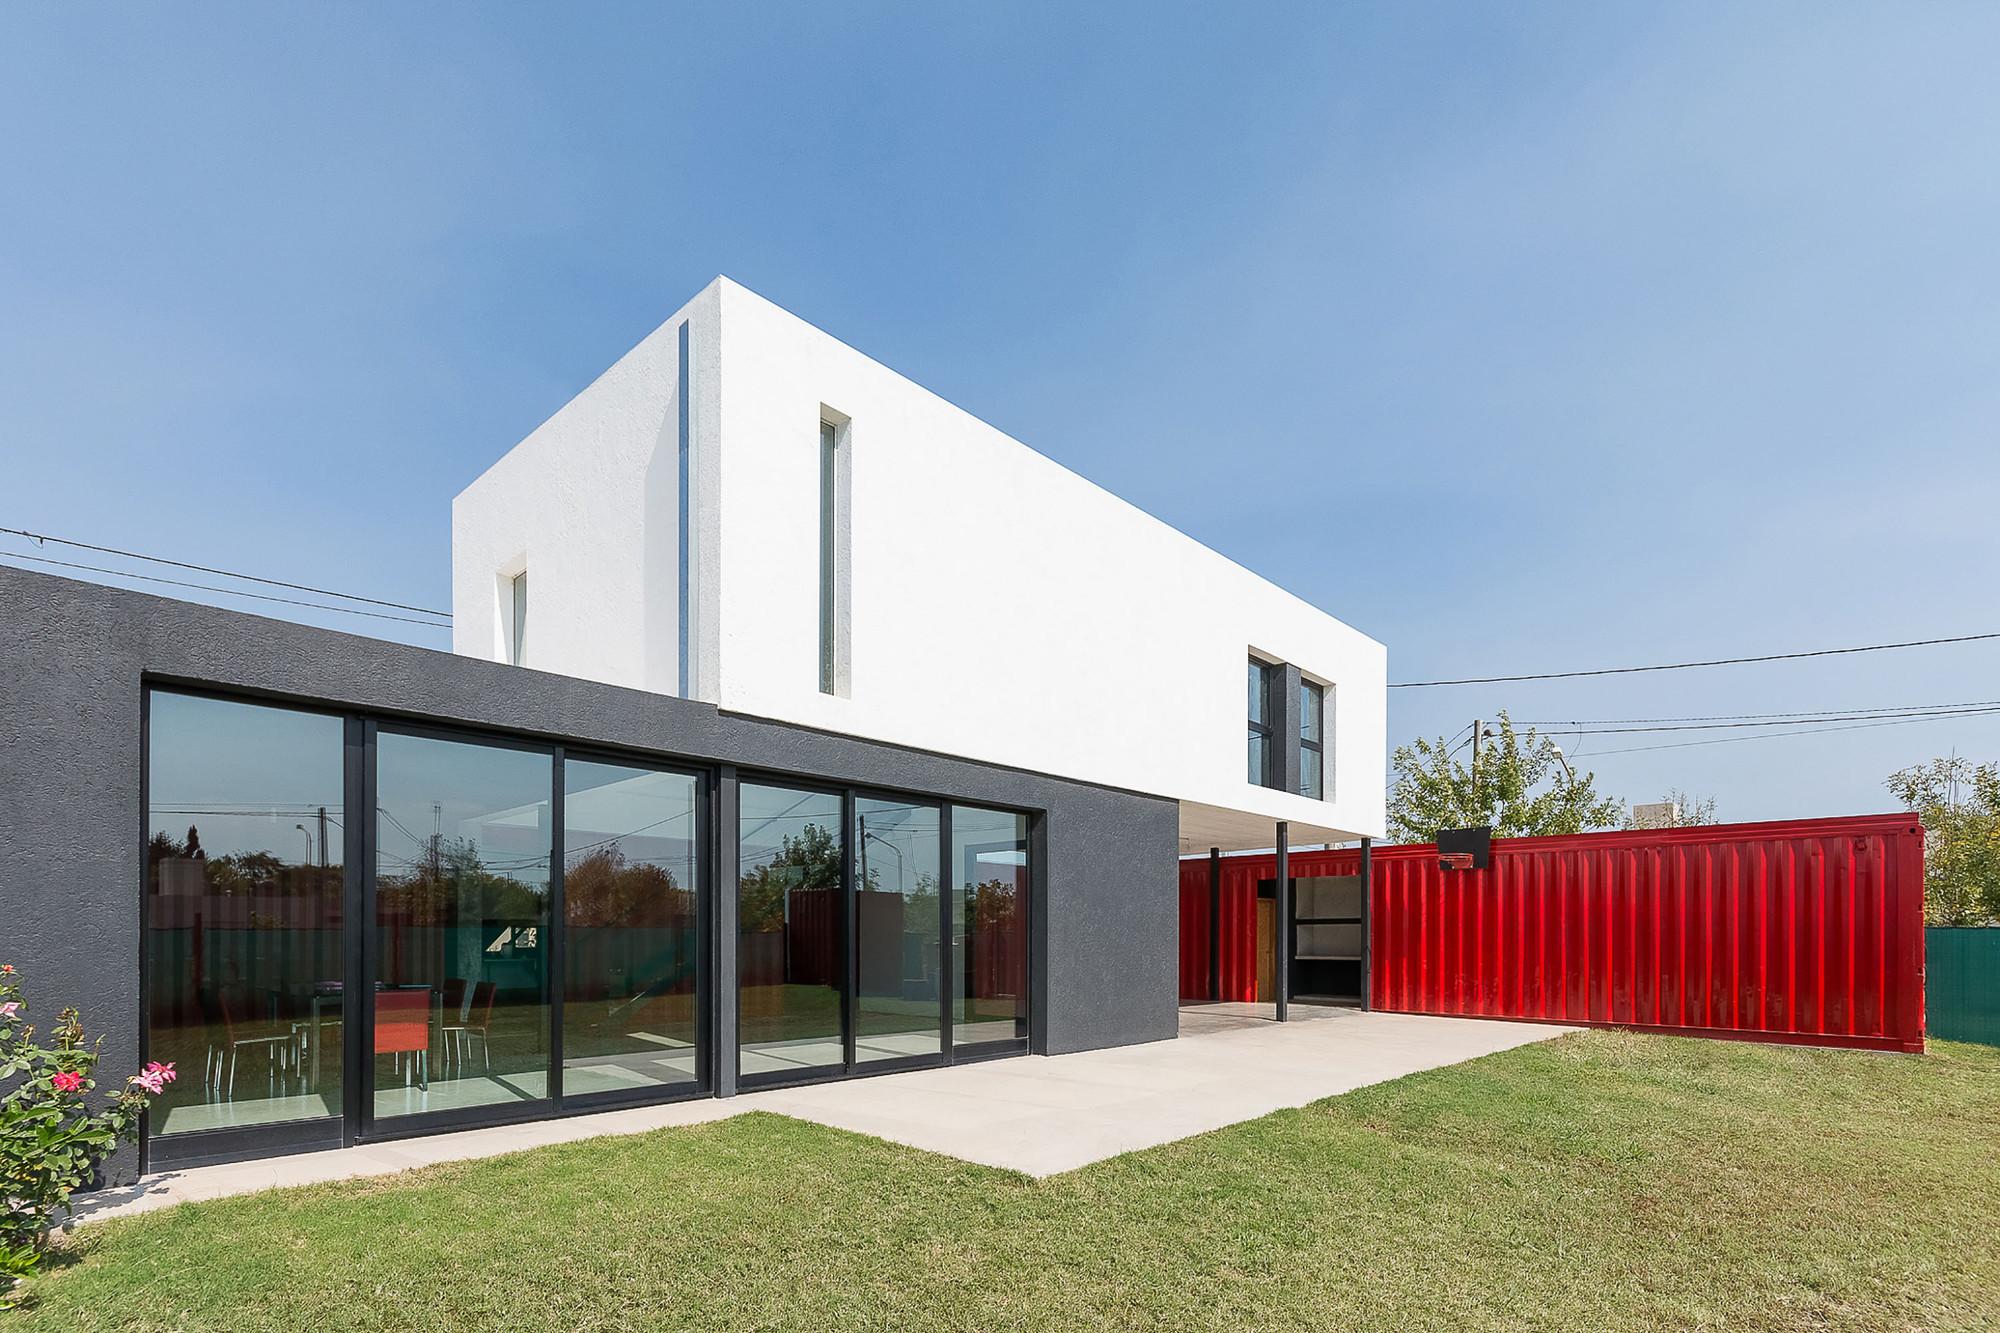 Casa Container / José Schreiber Arquitecto ArchDaily Brasil #B9121A 2000x1333 Banheiro De Container